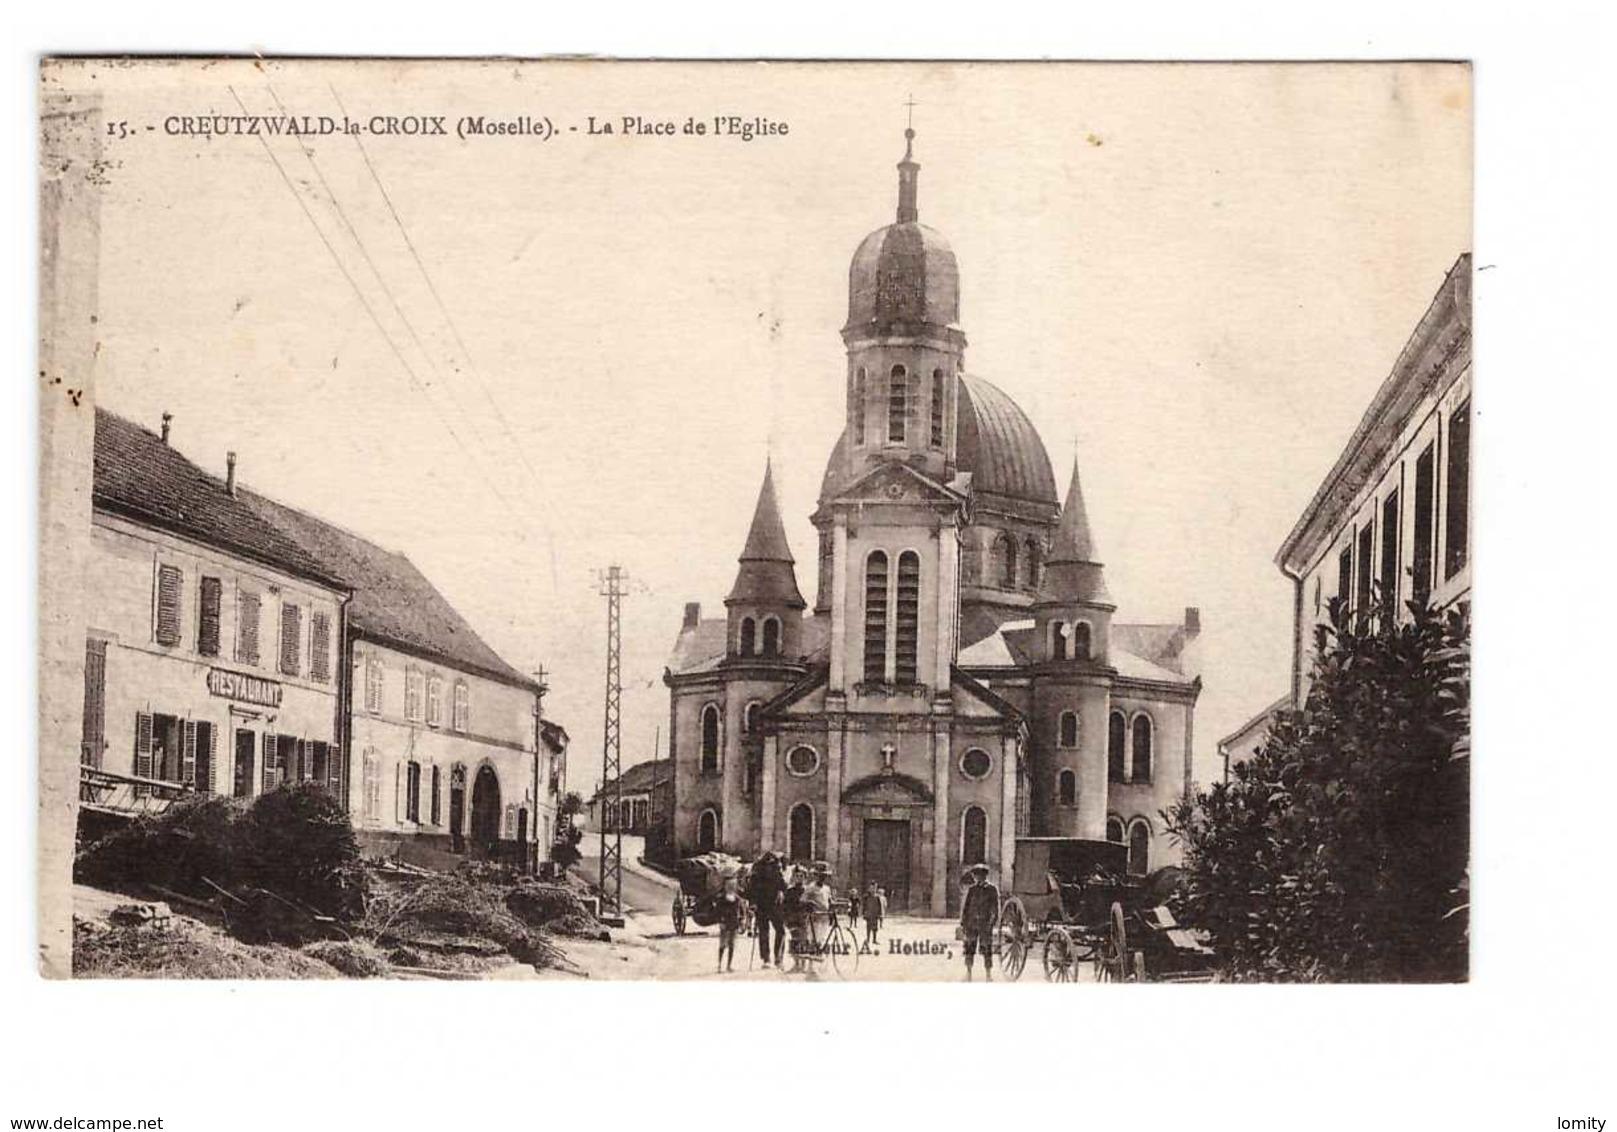 57 Creutzwald La Croix La Place De L' Eglise Restaurant Cpa Carte Animée Edit Hettier Cachet Creutzwald 1928 - Creutzwald